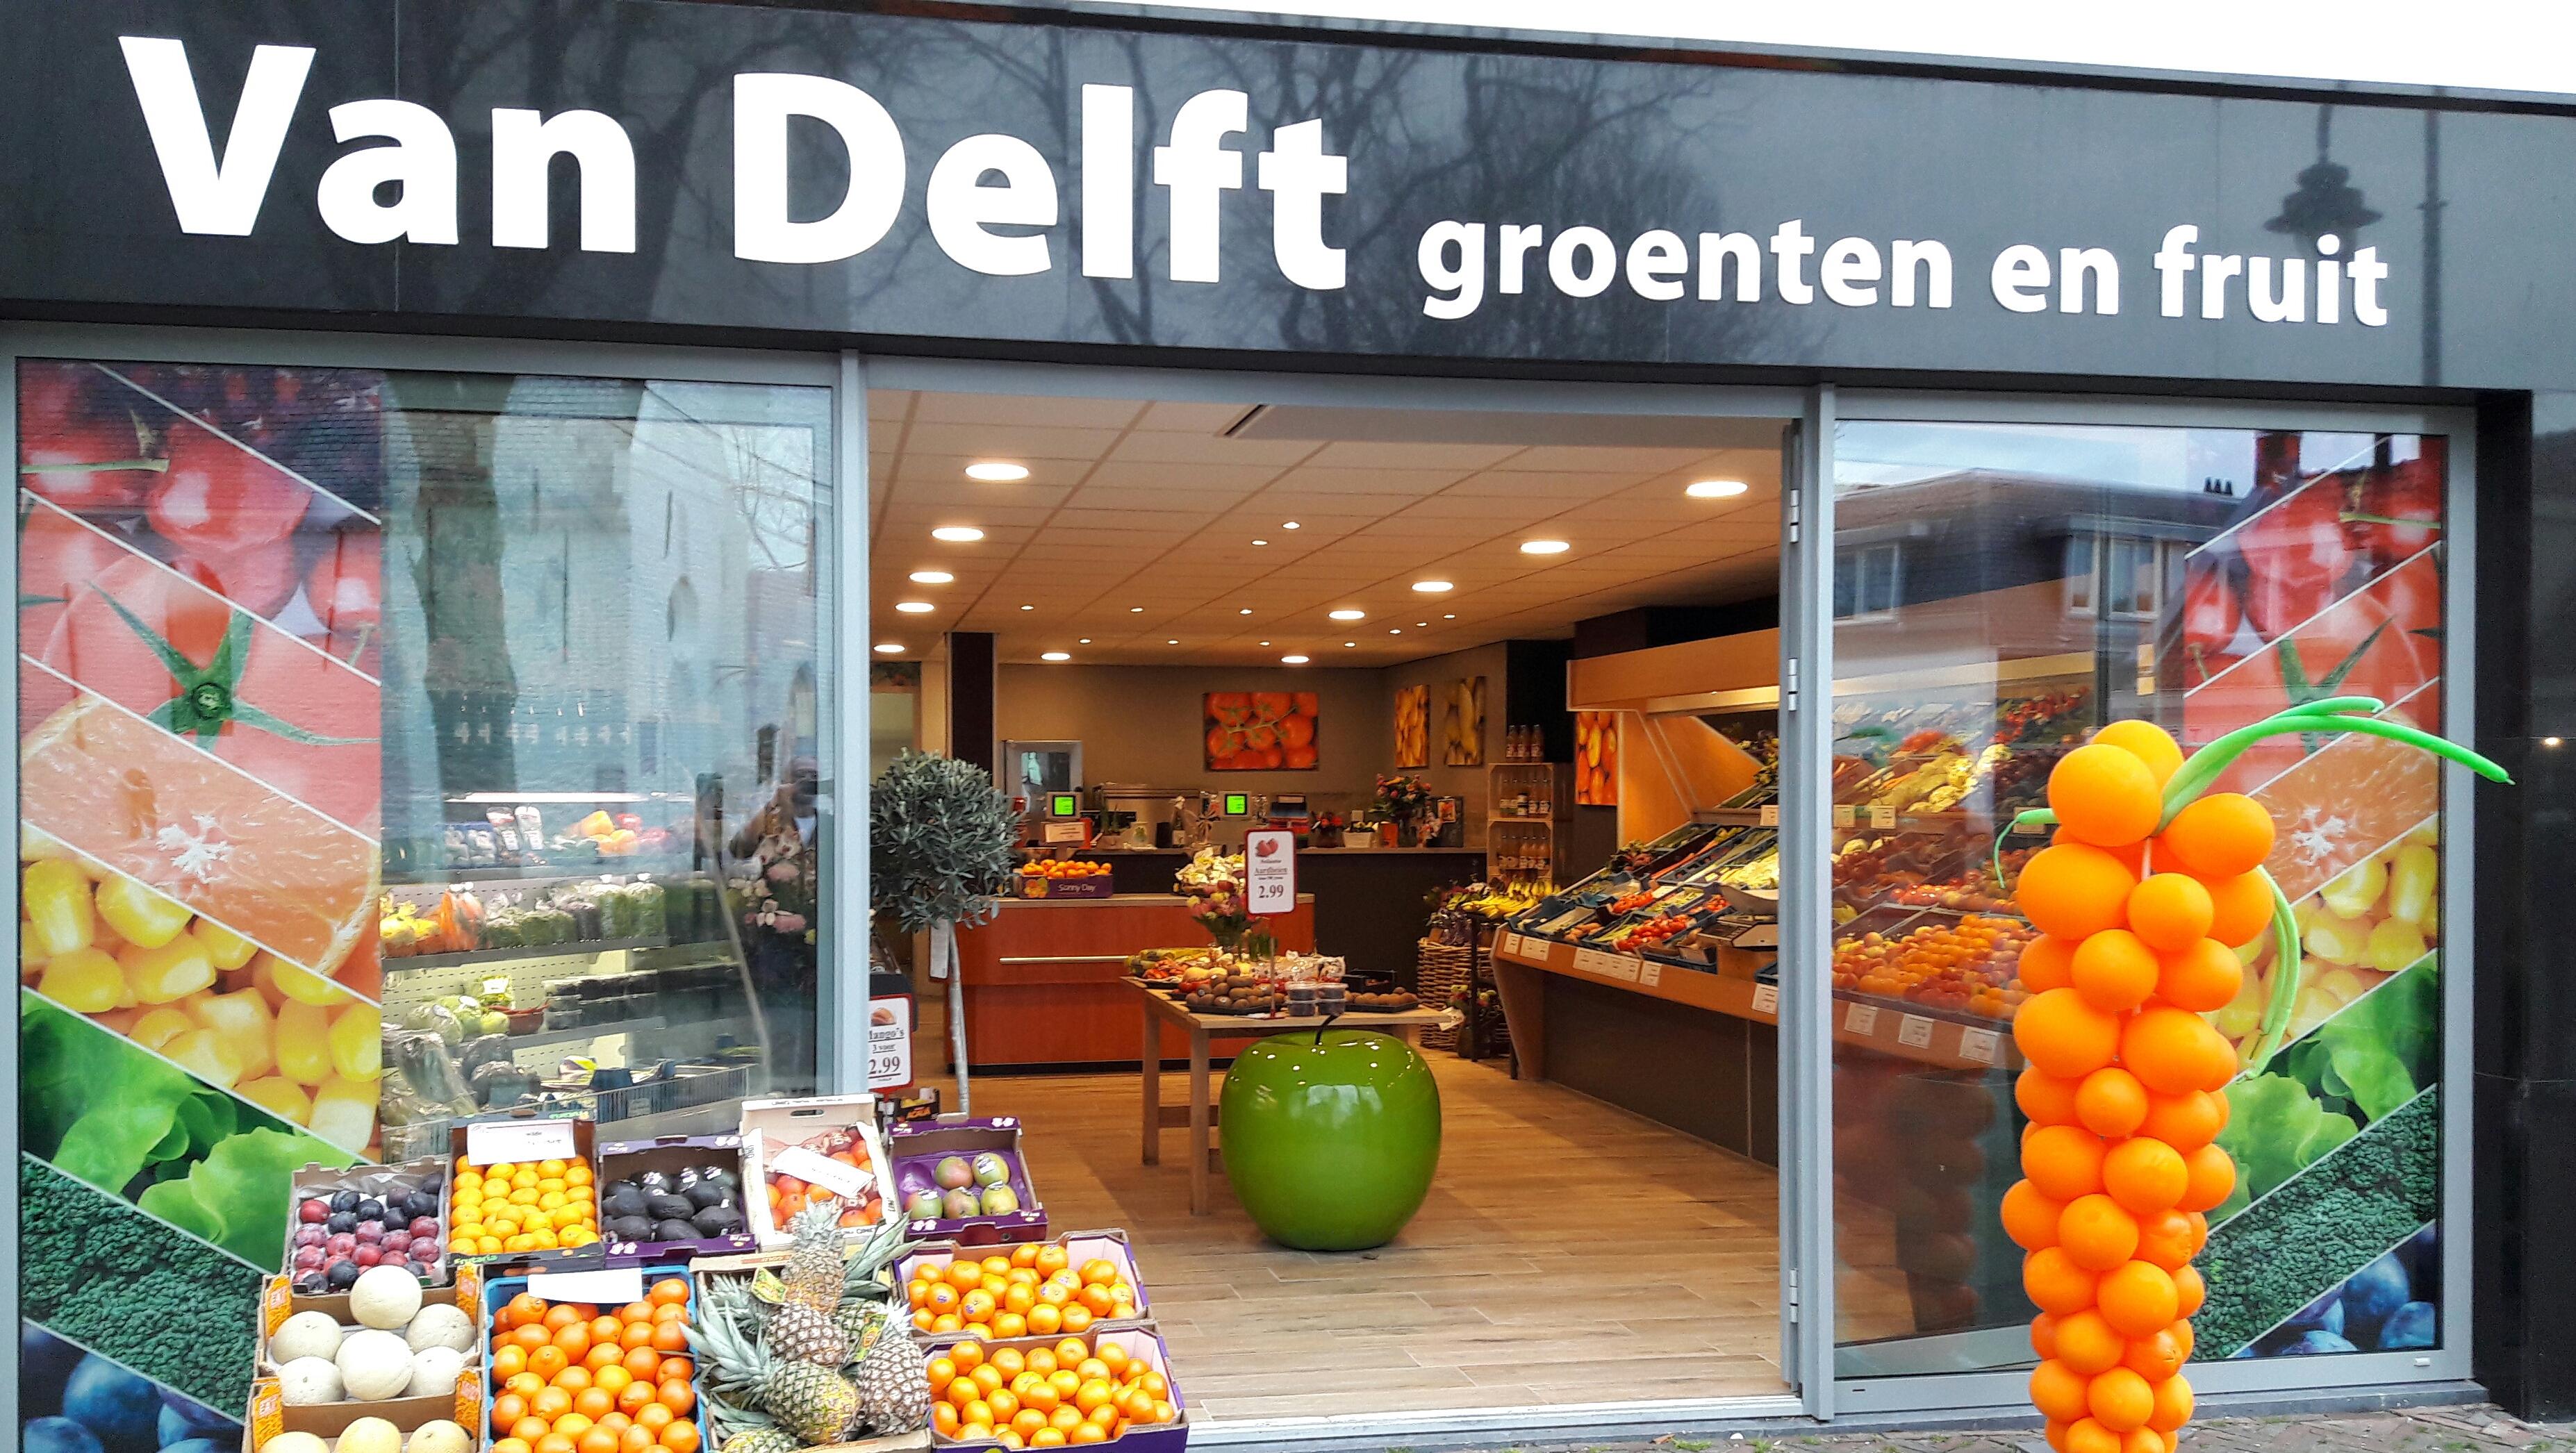 John van Delft